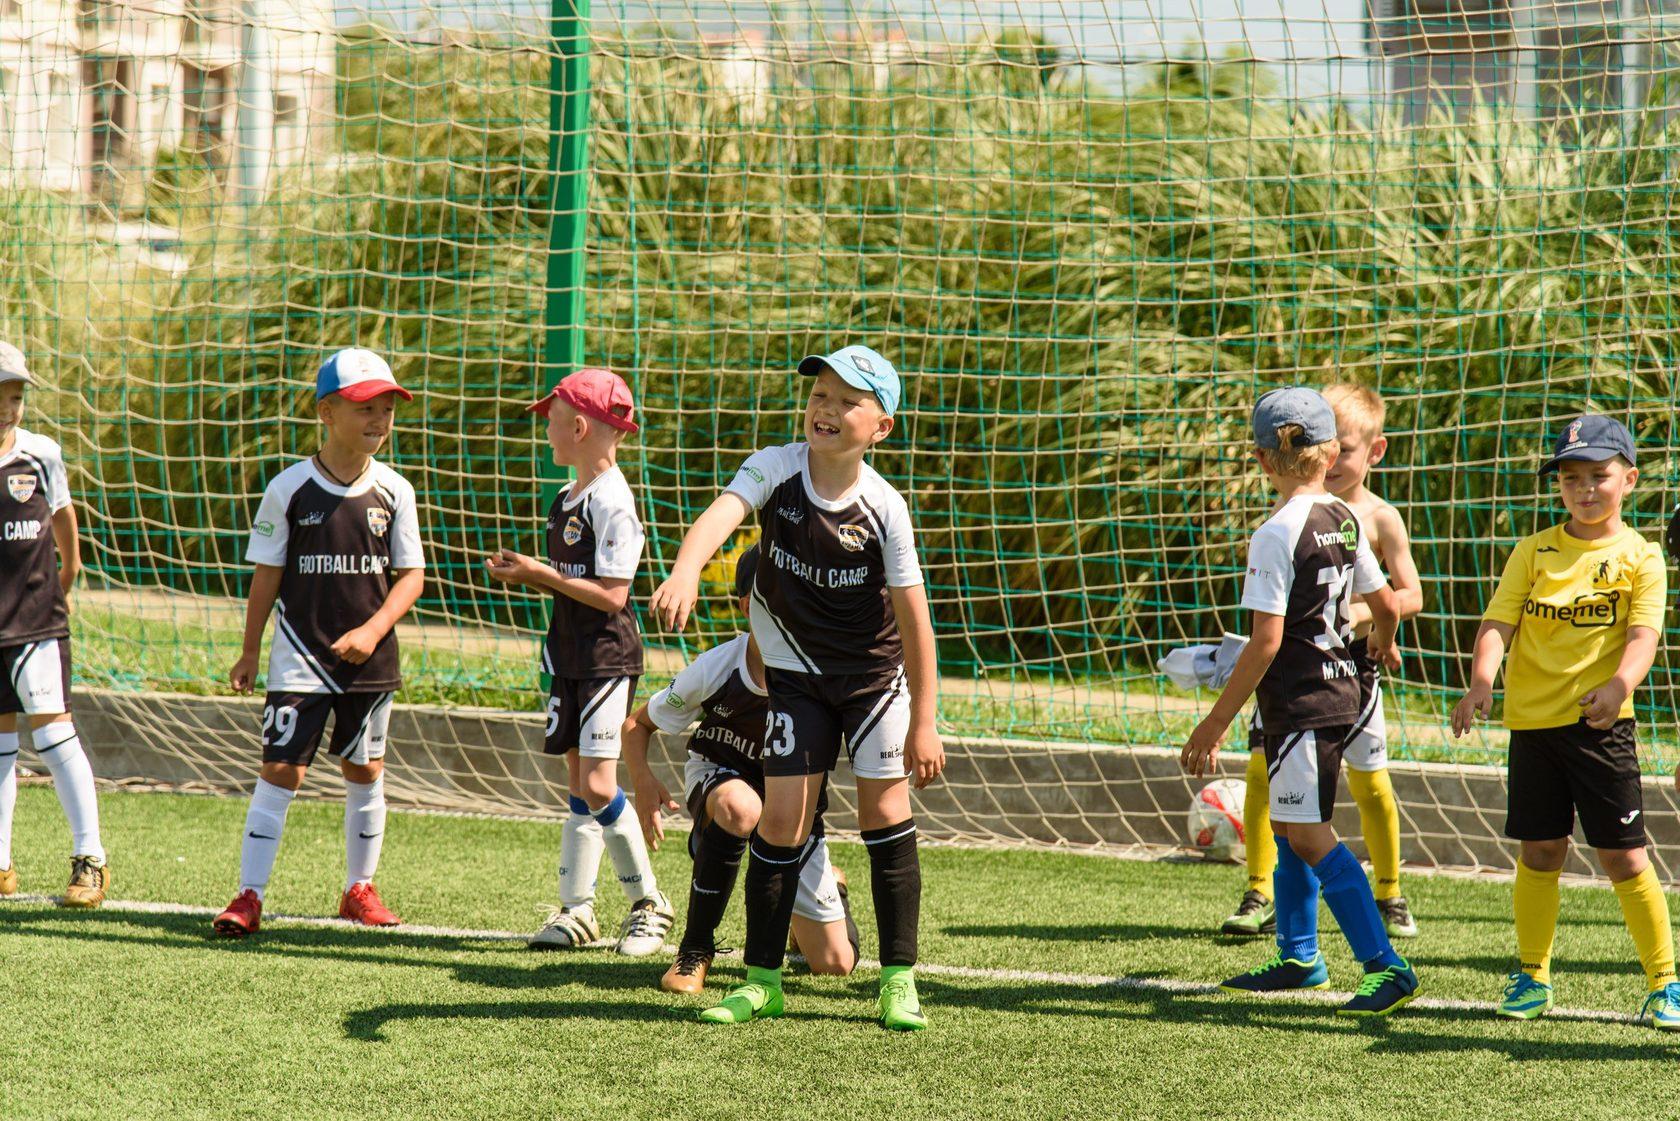 Футбольный лагерь реал мадрид в сочи